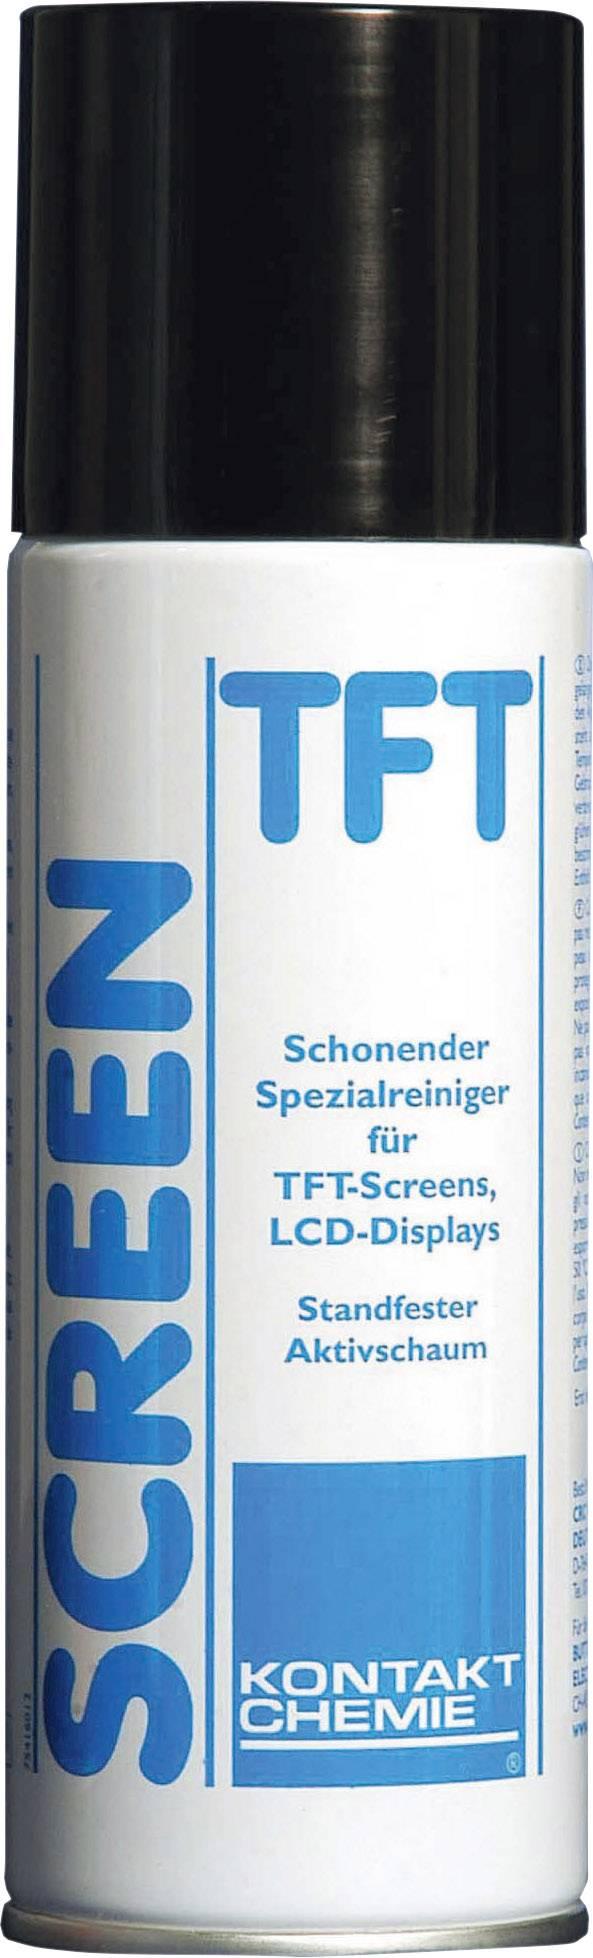 Čistič obrazovek CRC Kontakt Chemie Screen TFT, 80715-AI, LCD, 200 ml 1 ks